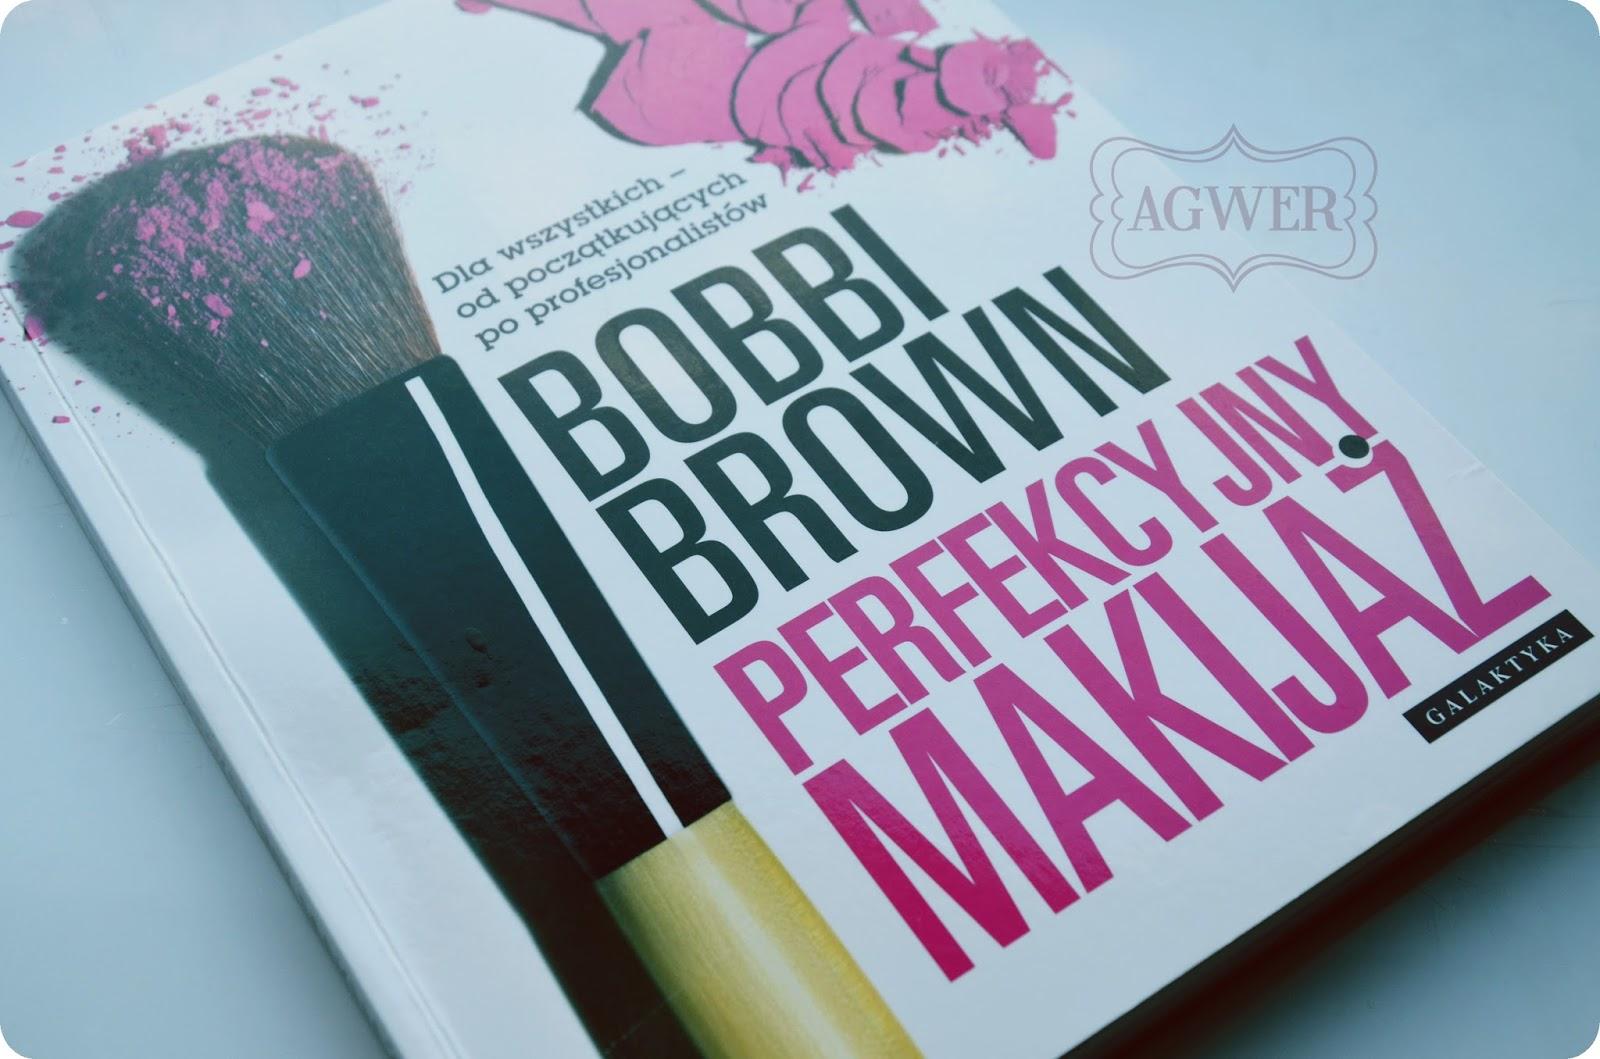 Perfekcyjny makijaż Bobbi Brown, czyli książka (nie) dla każdego